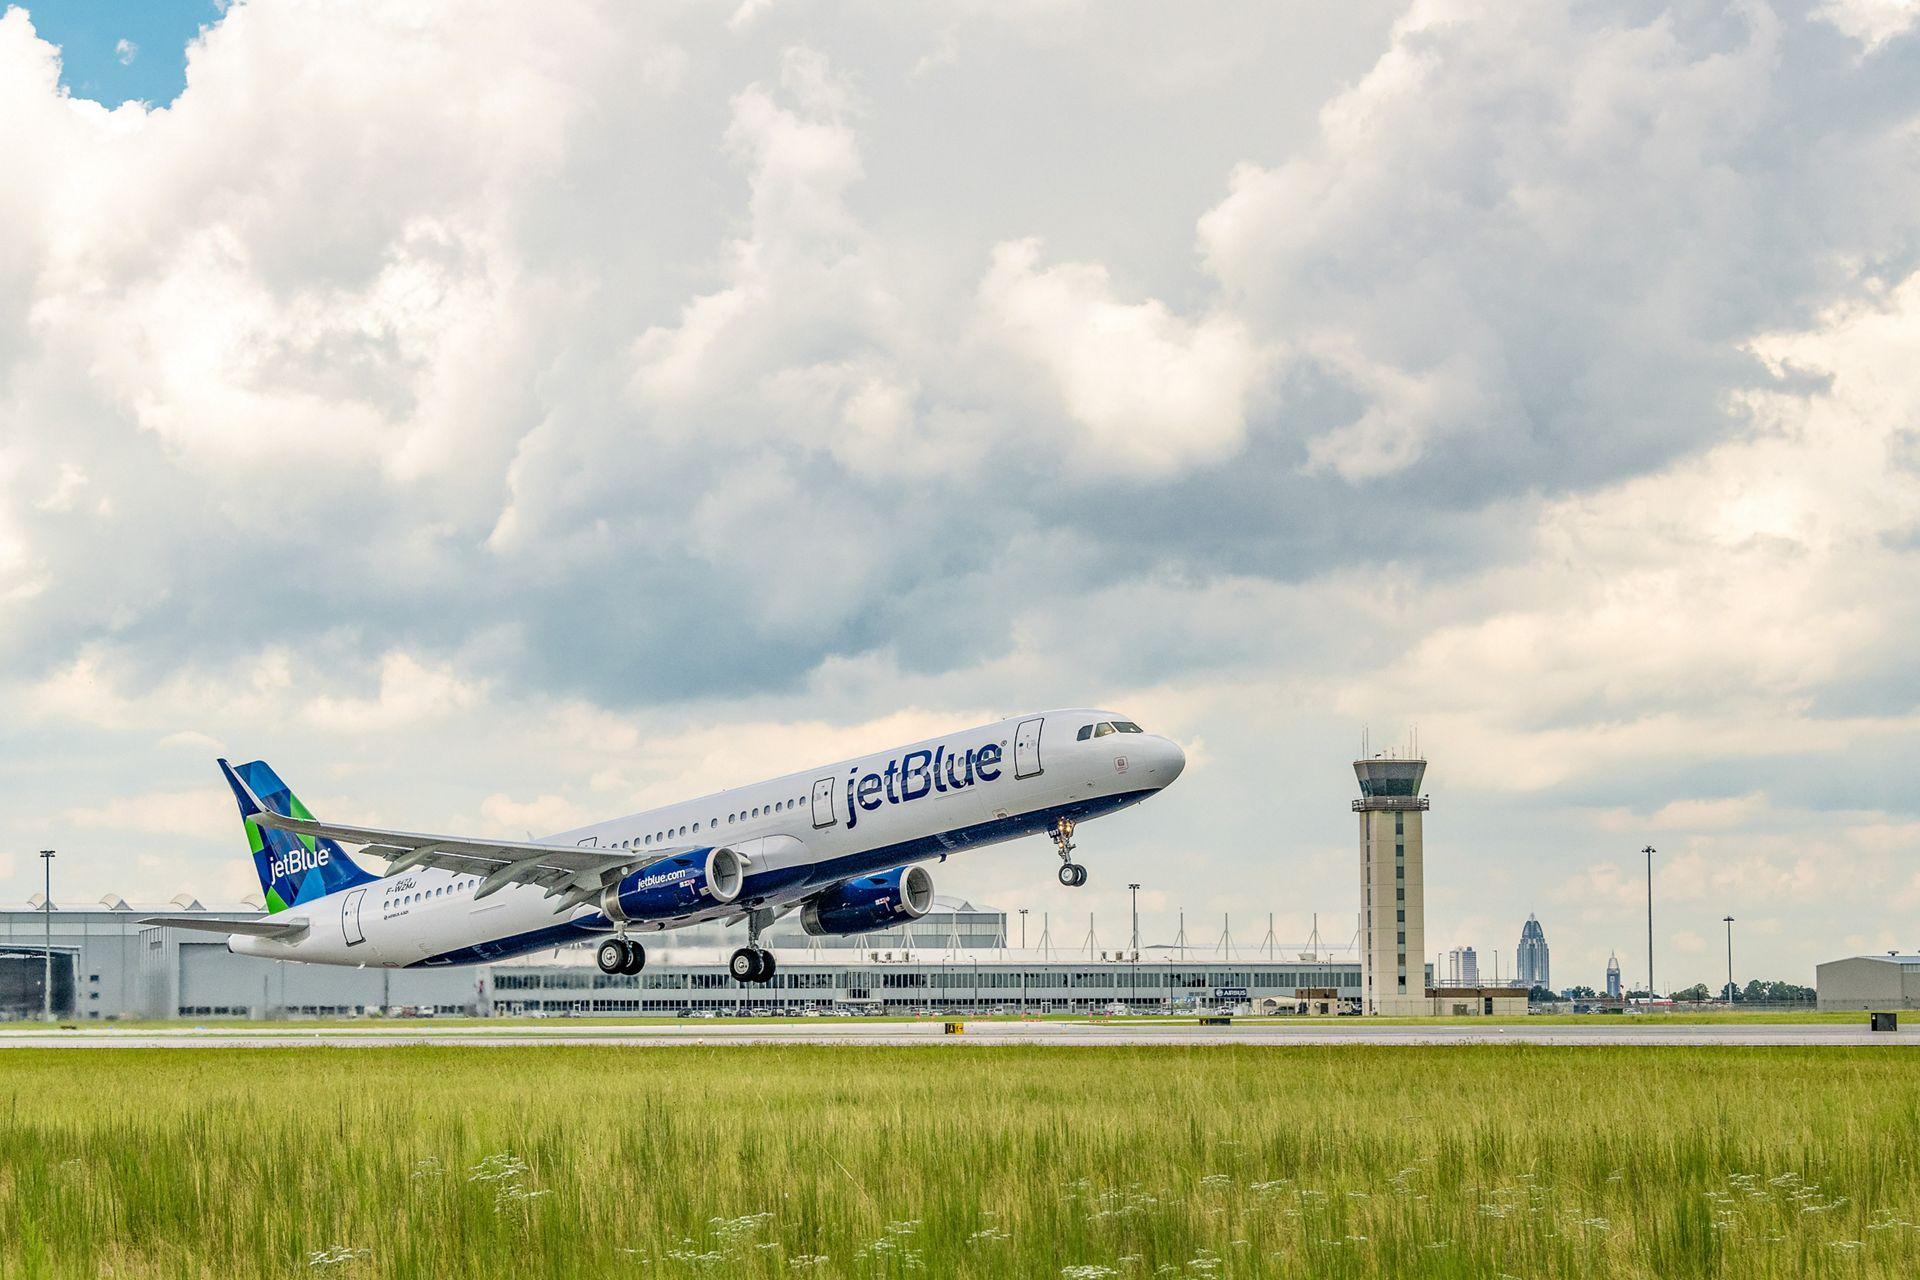 Resultado de imagen para Airbus Mobile delivers 1st A321 sustainable fuel